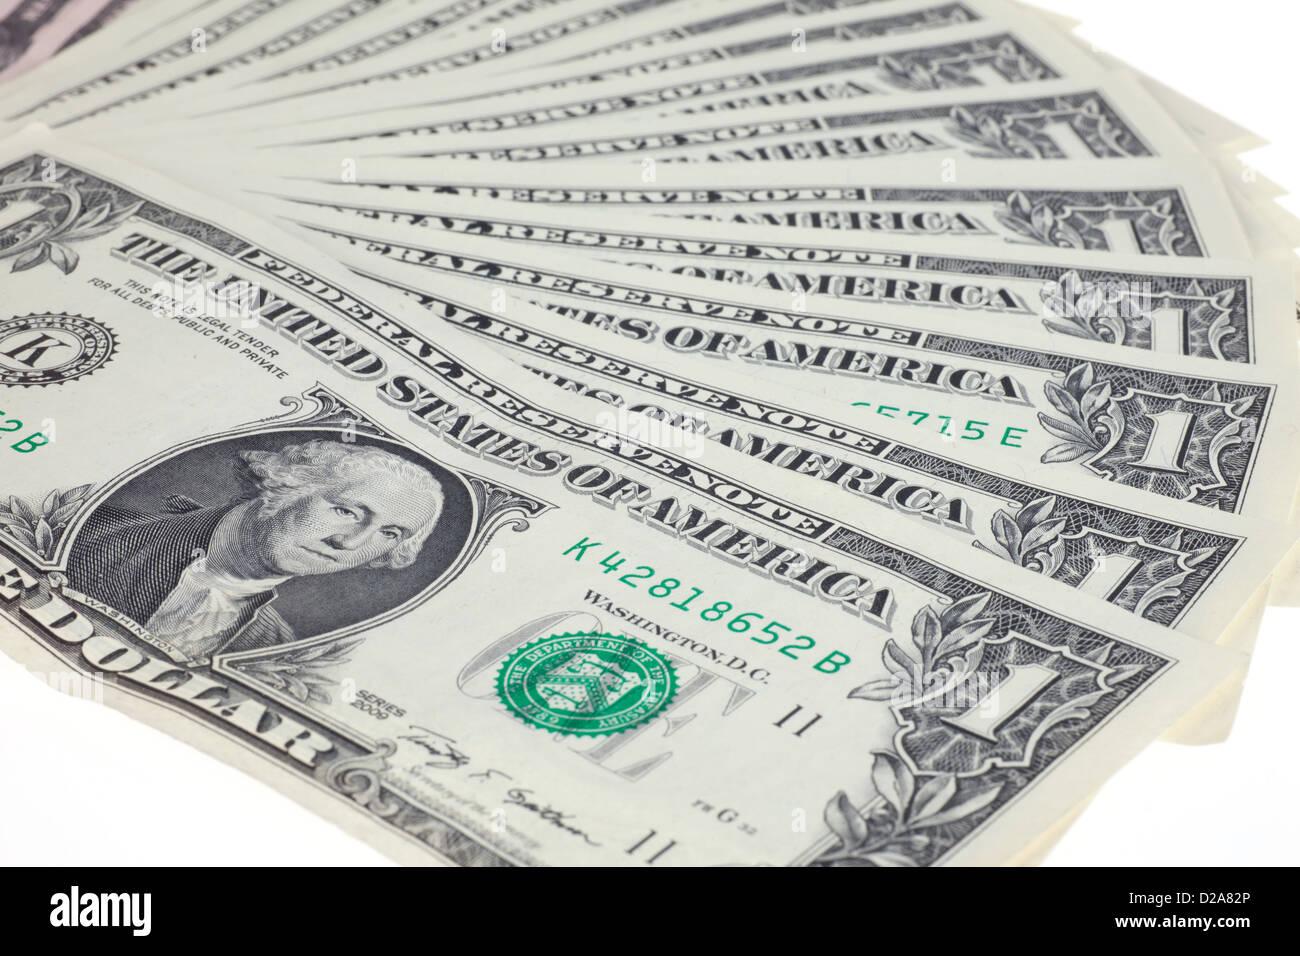 Berlin, Germany, U.S. dollar bills fanned - Stock Image